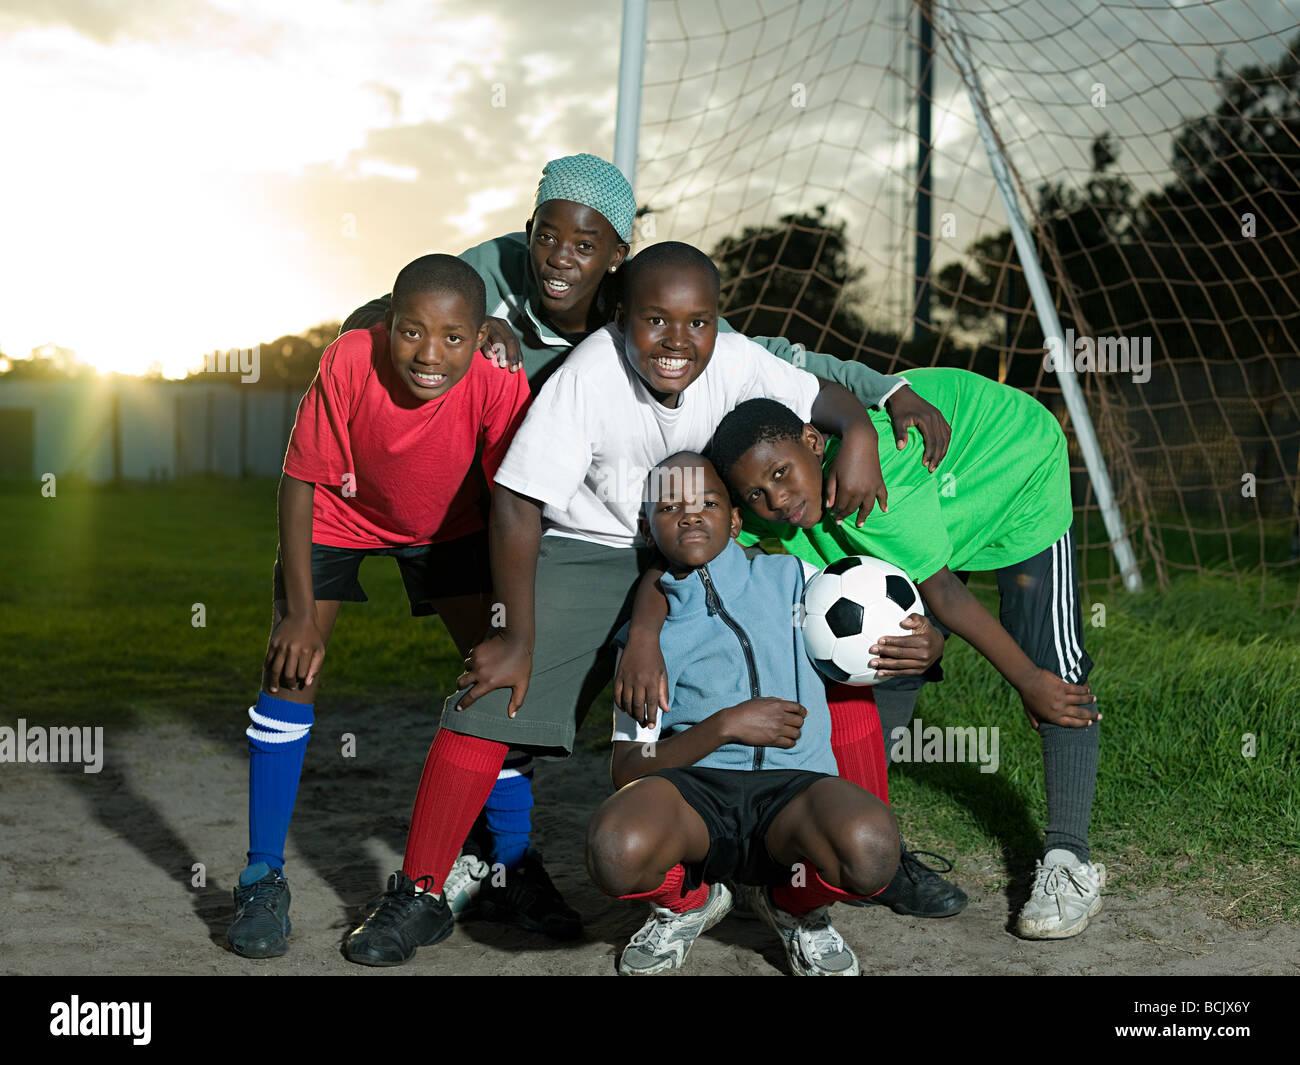 Un gruppo di ragazzi adolescenti con il calcio Immagini Stock